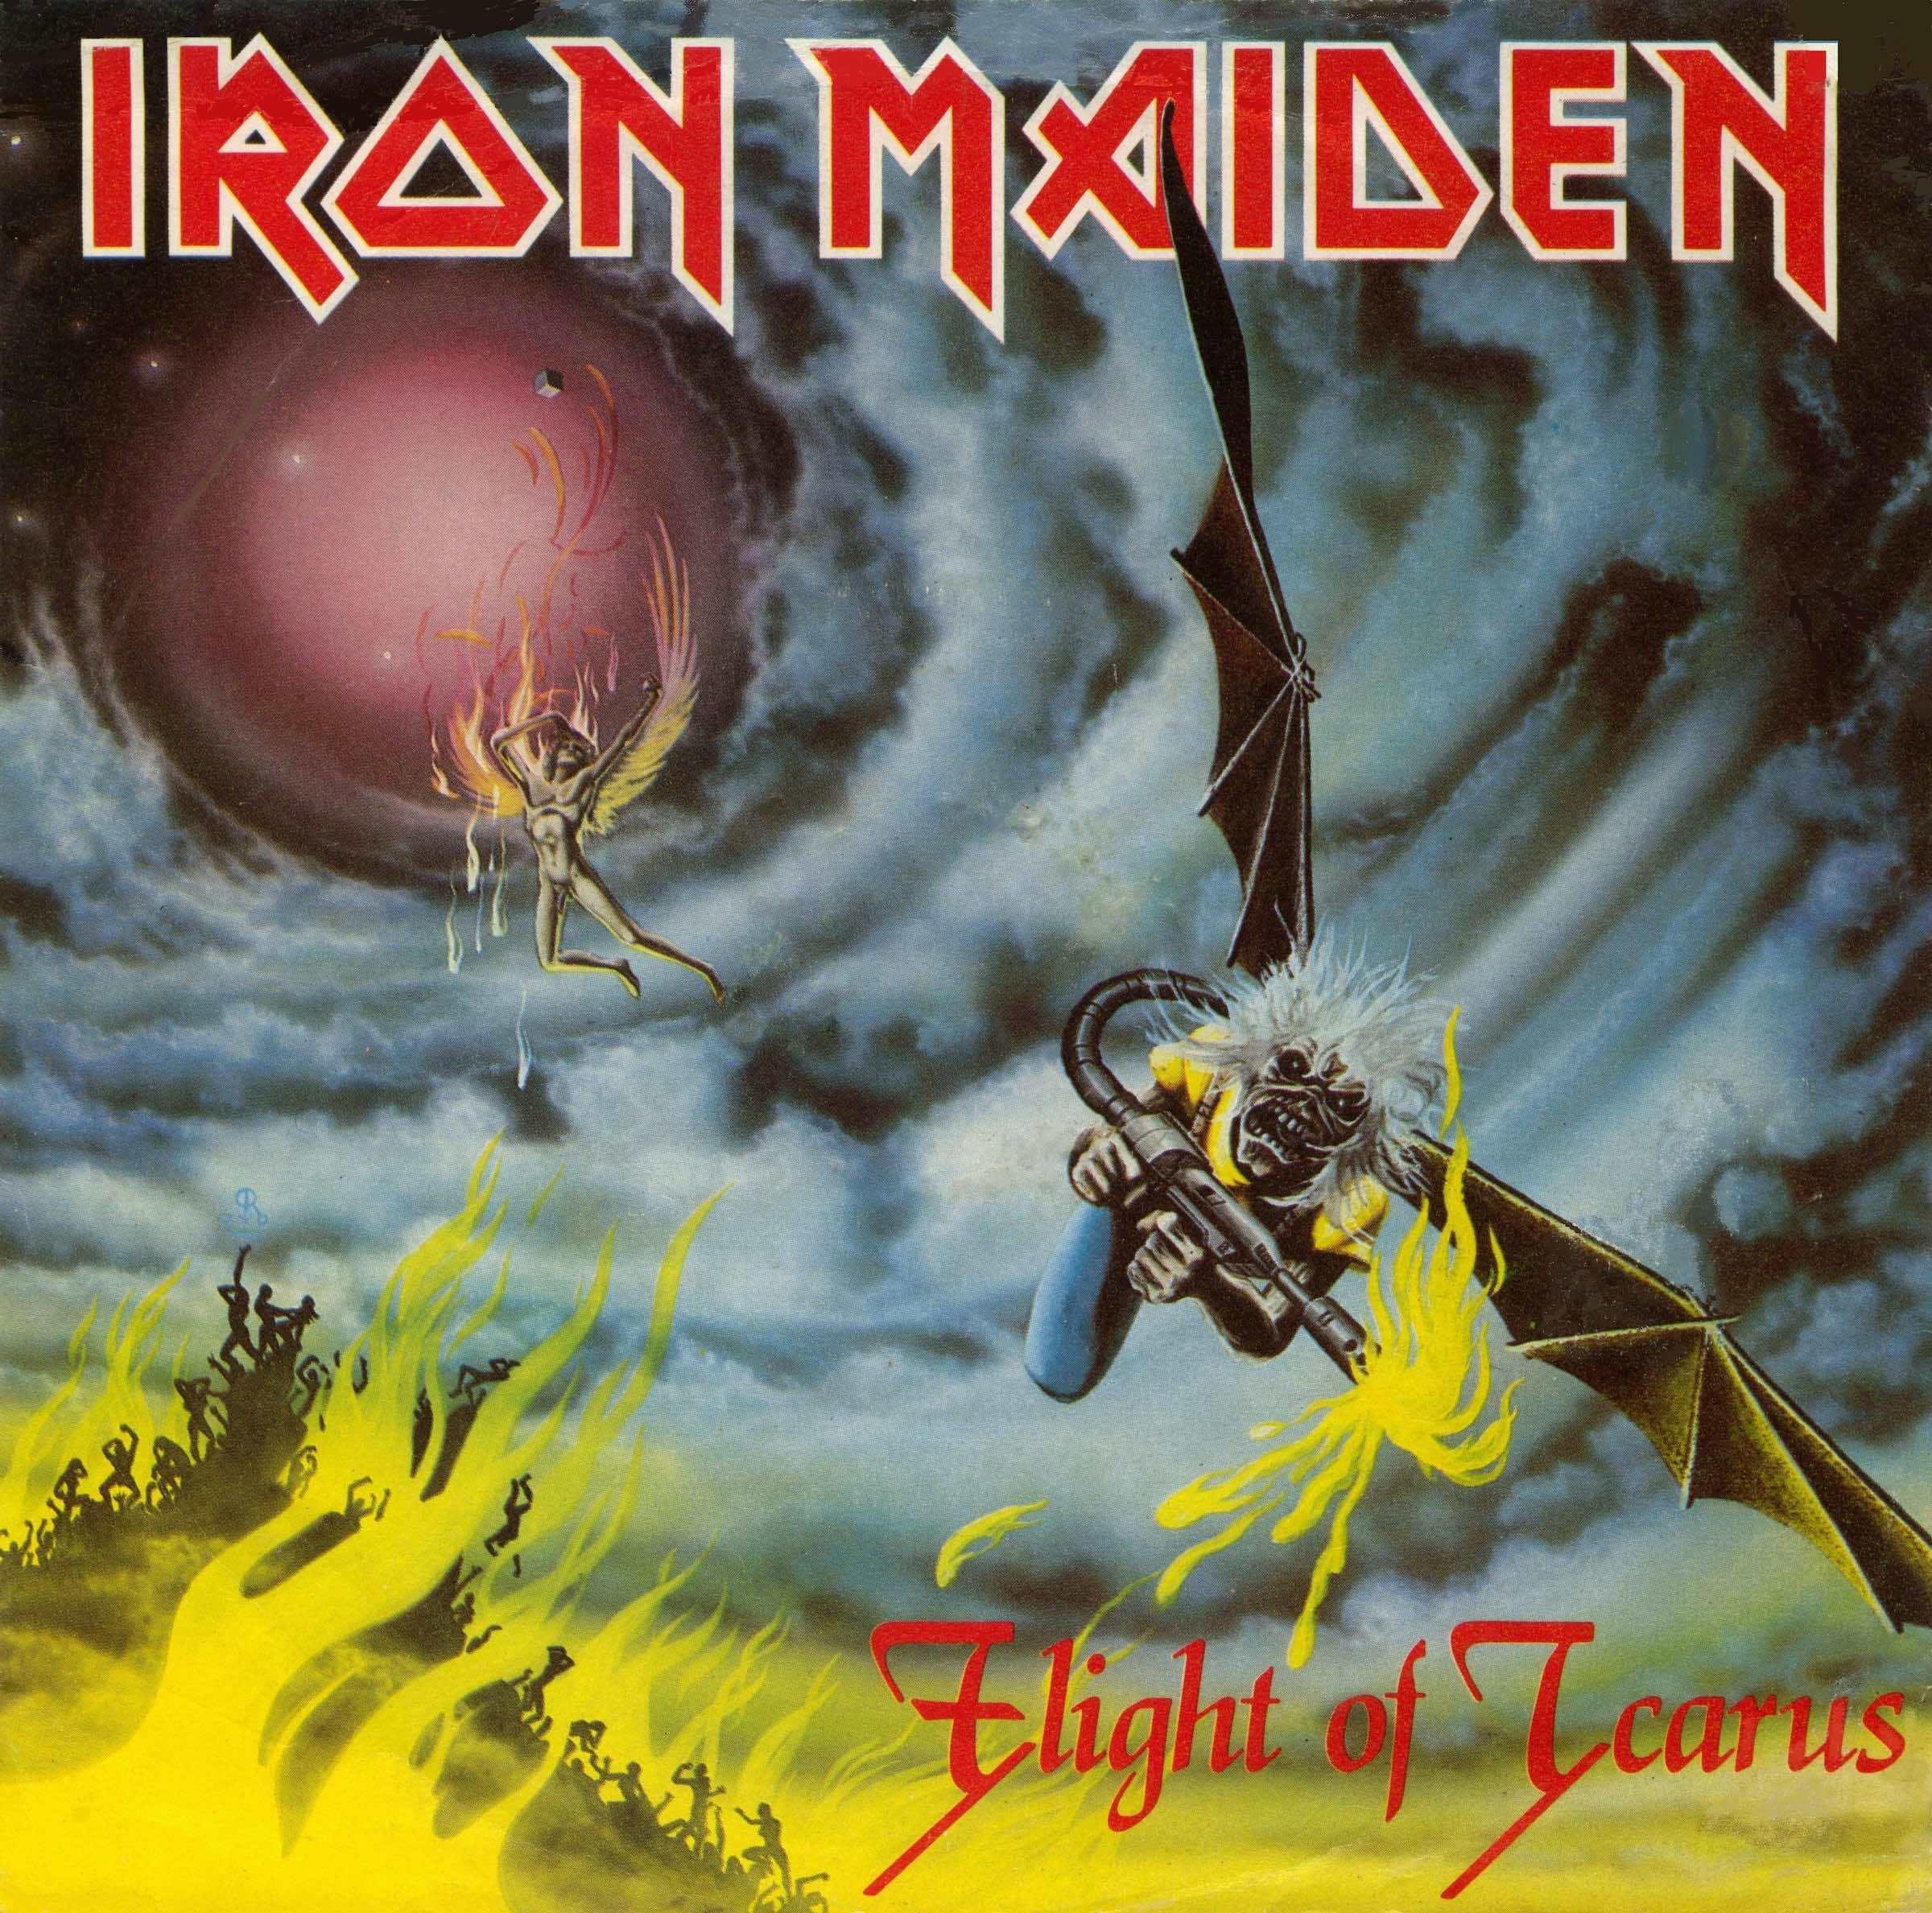 Iron Maiden Icarus